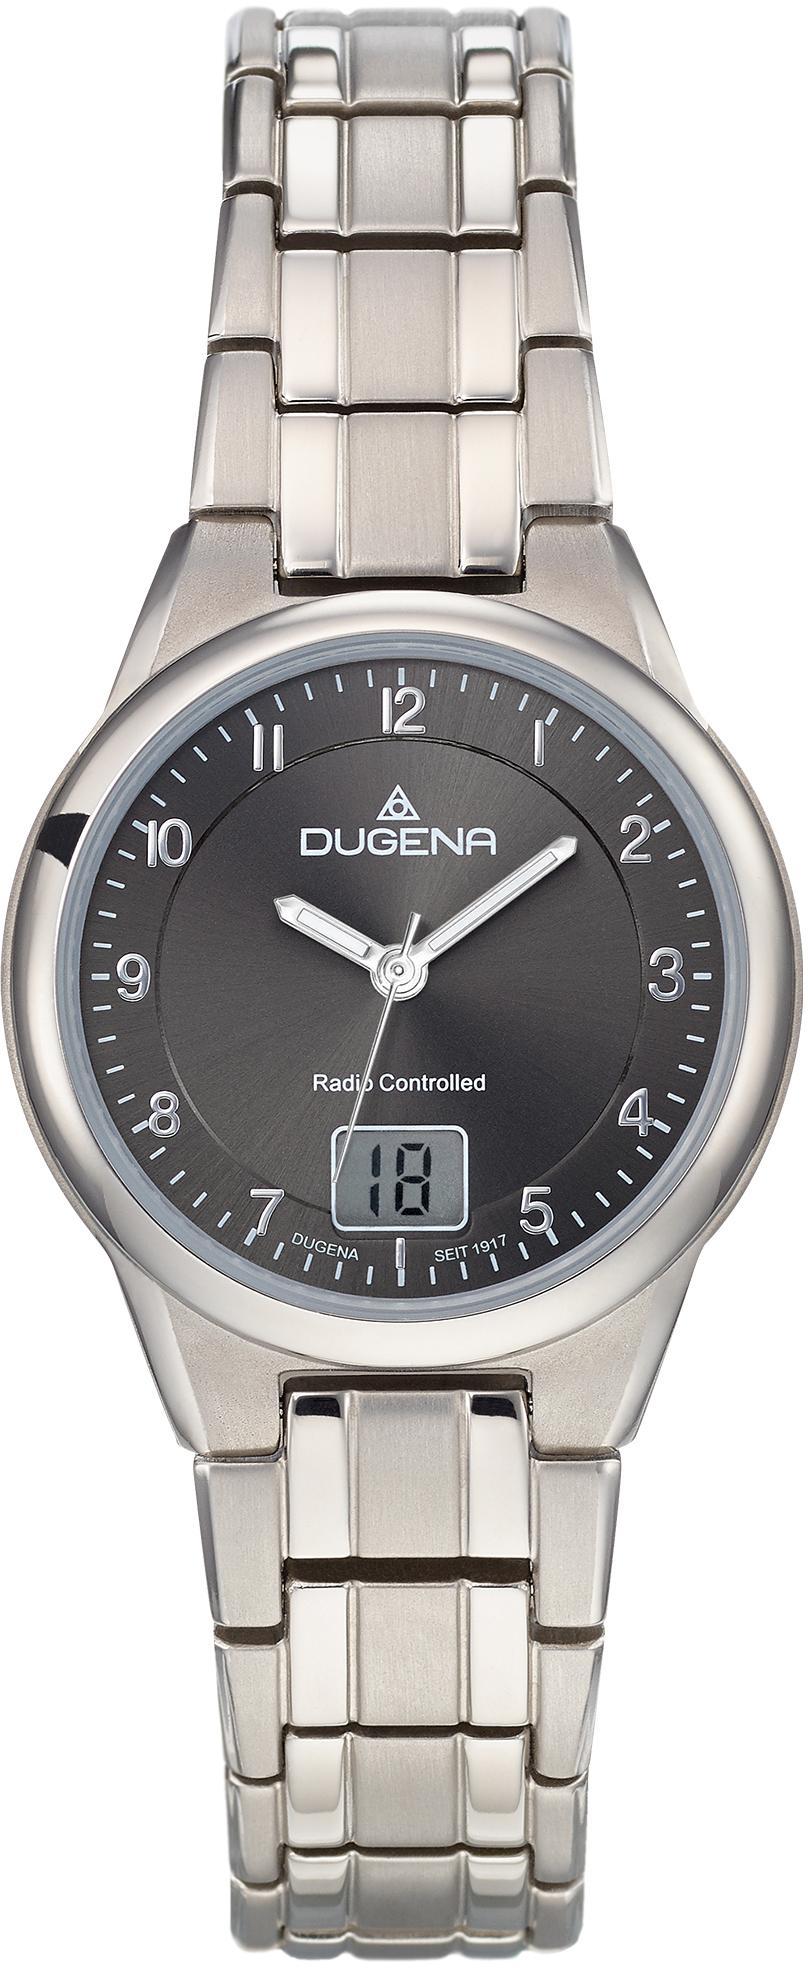 Dugena Funkuhr GENT, 4460836 günstig online kaufen